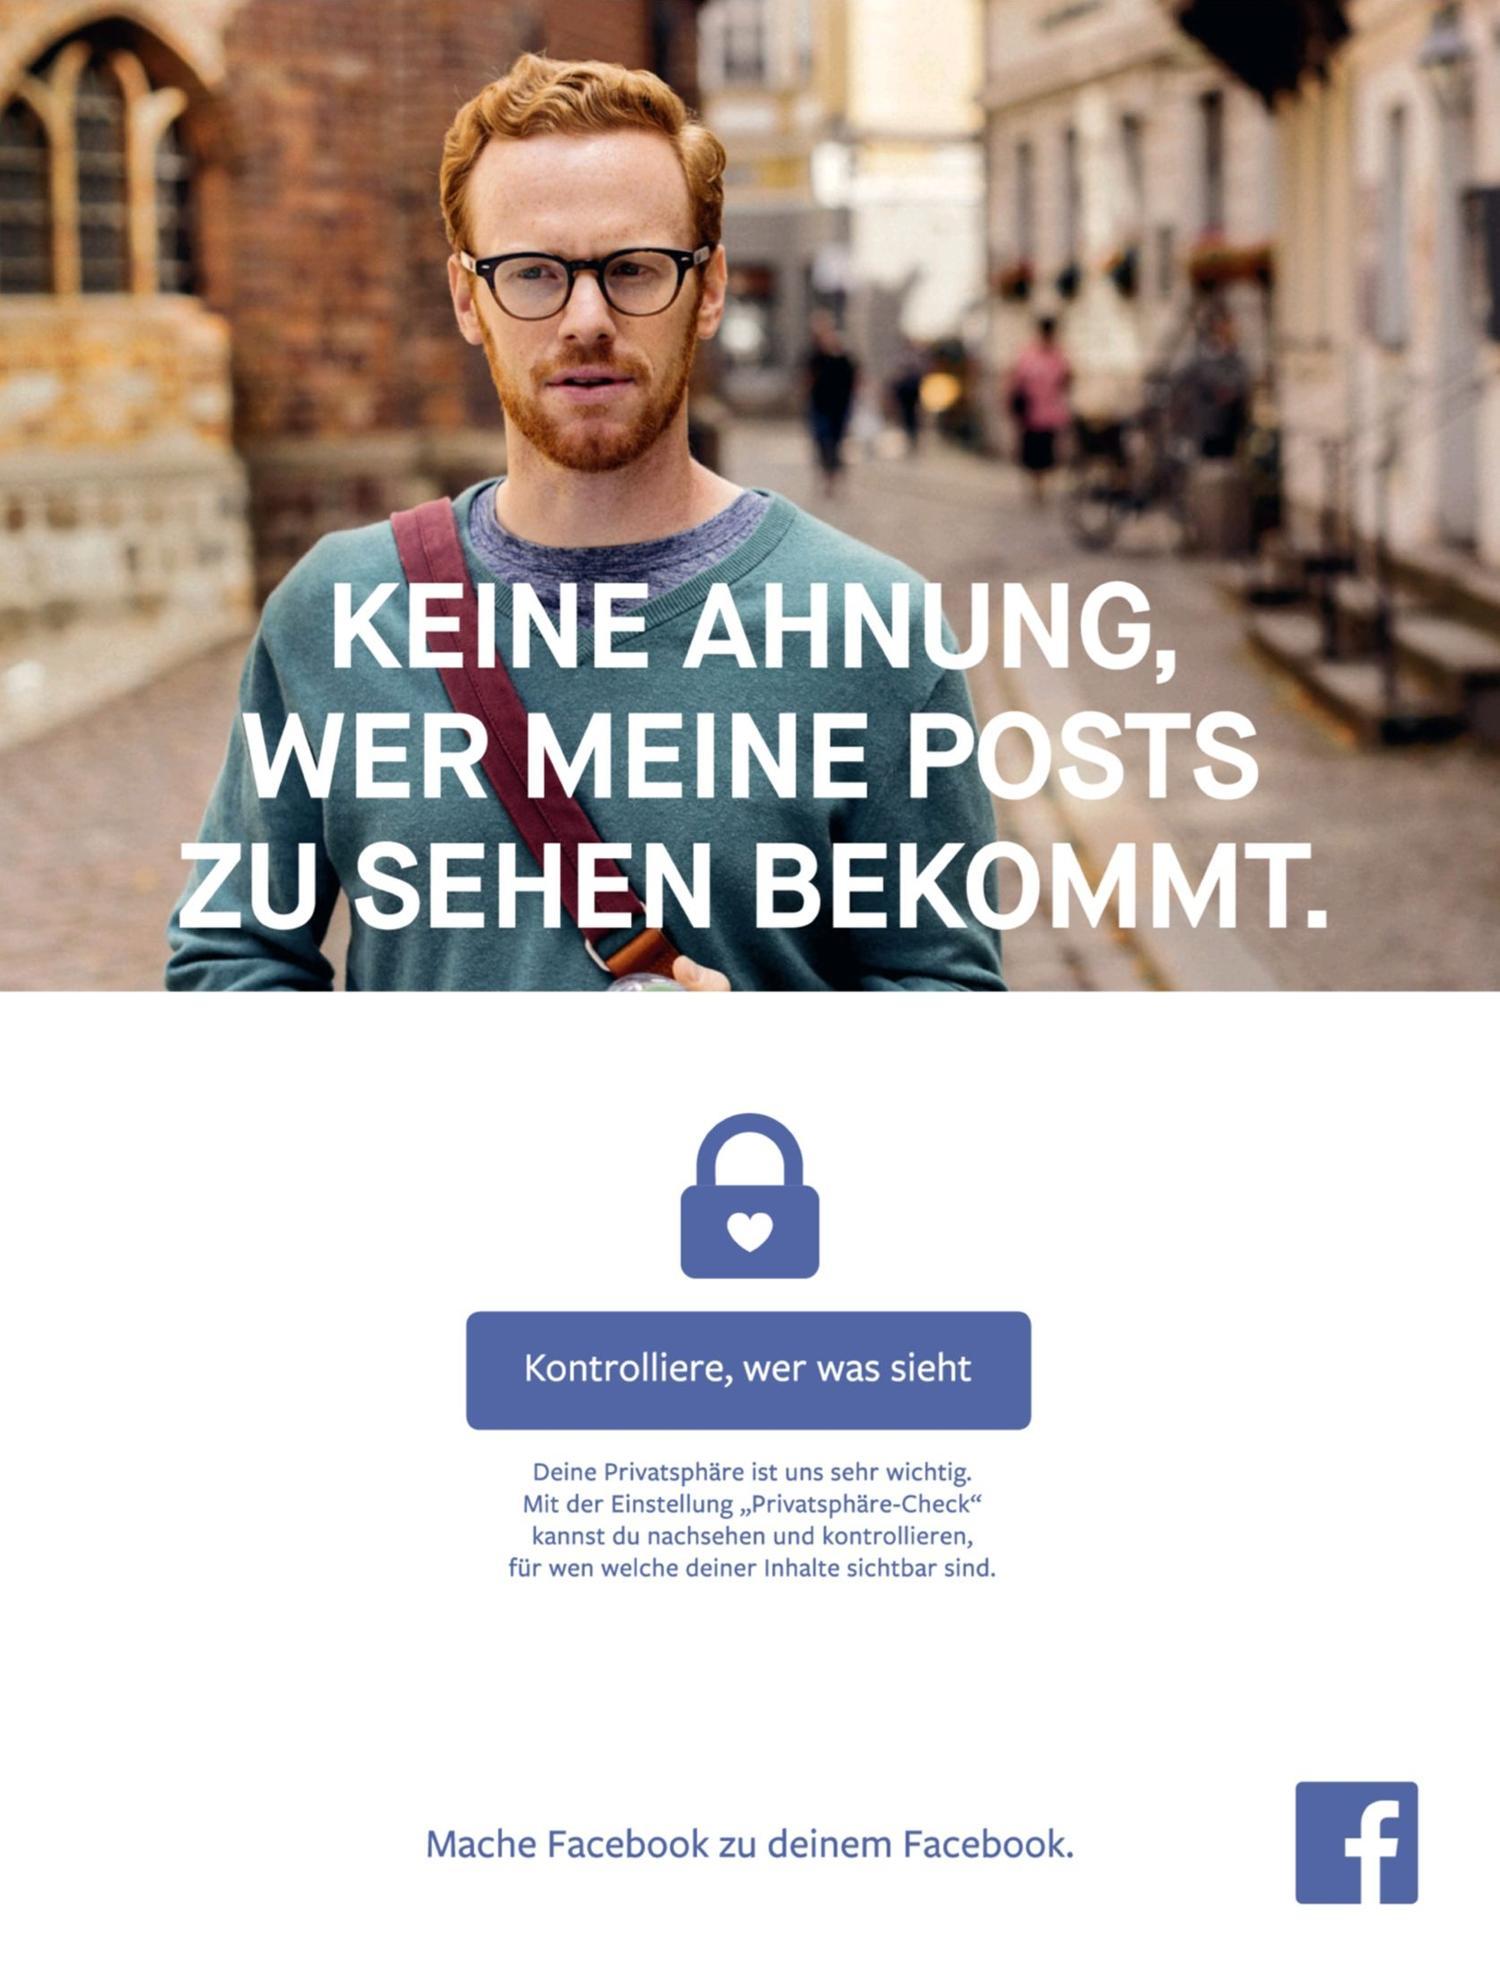 Facebook-Anzeige